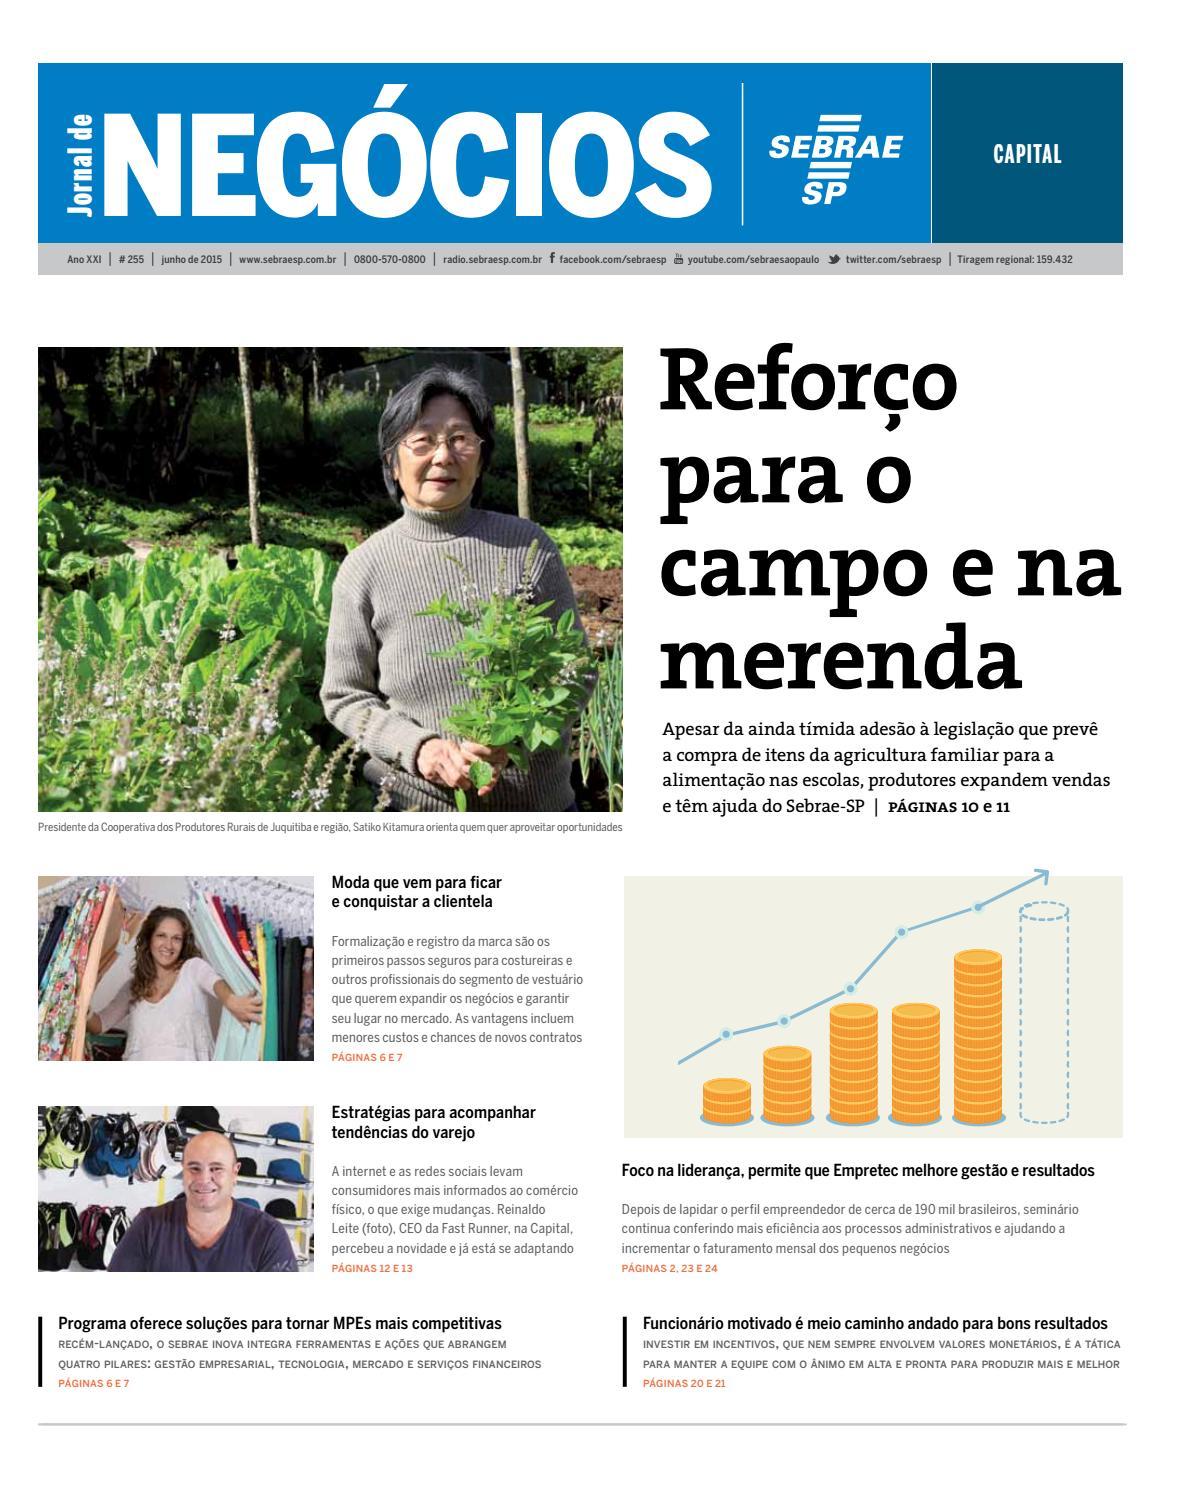 a9f2c4e57d4ac Jornal de Negócios Sebrae-SP - 01 de junho de 2015 - Capital by Sebrae-SP -  issuu